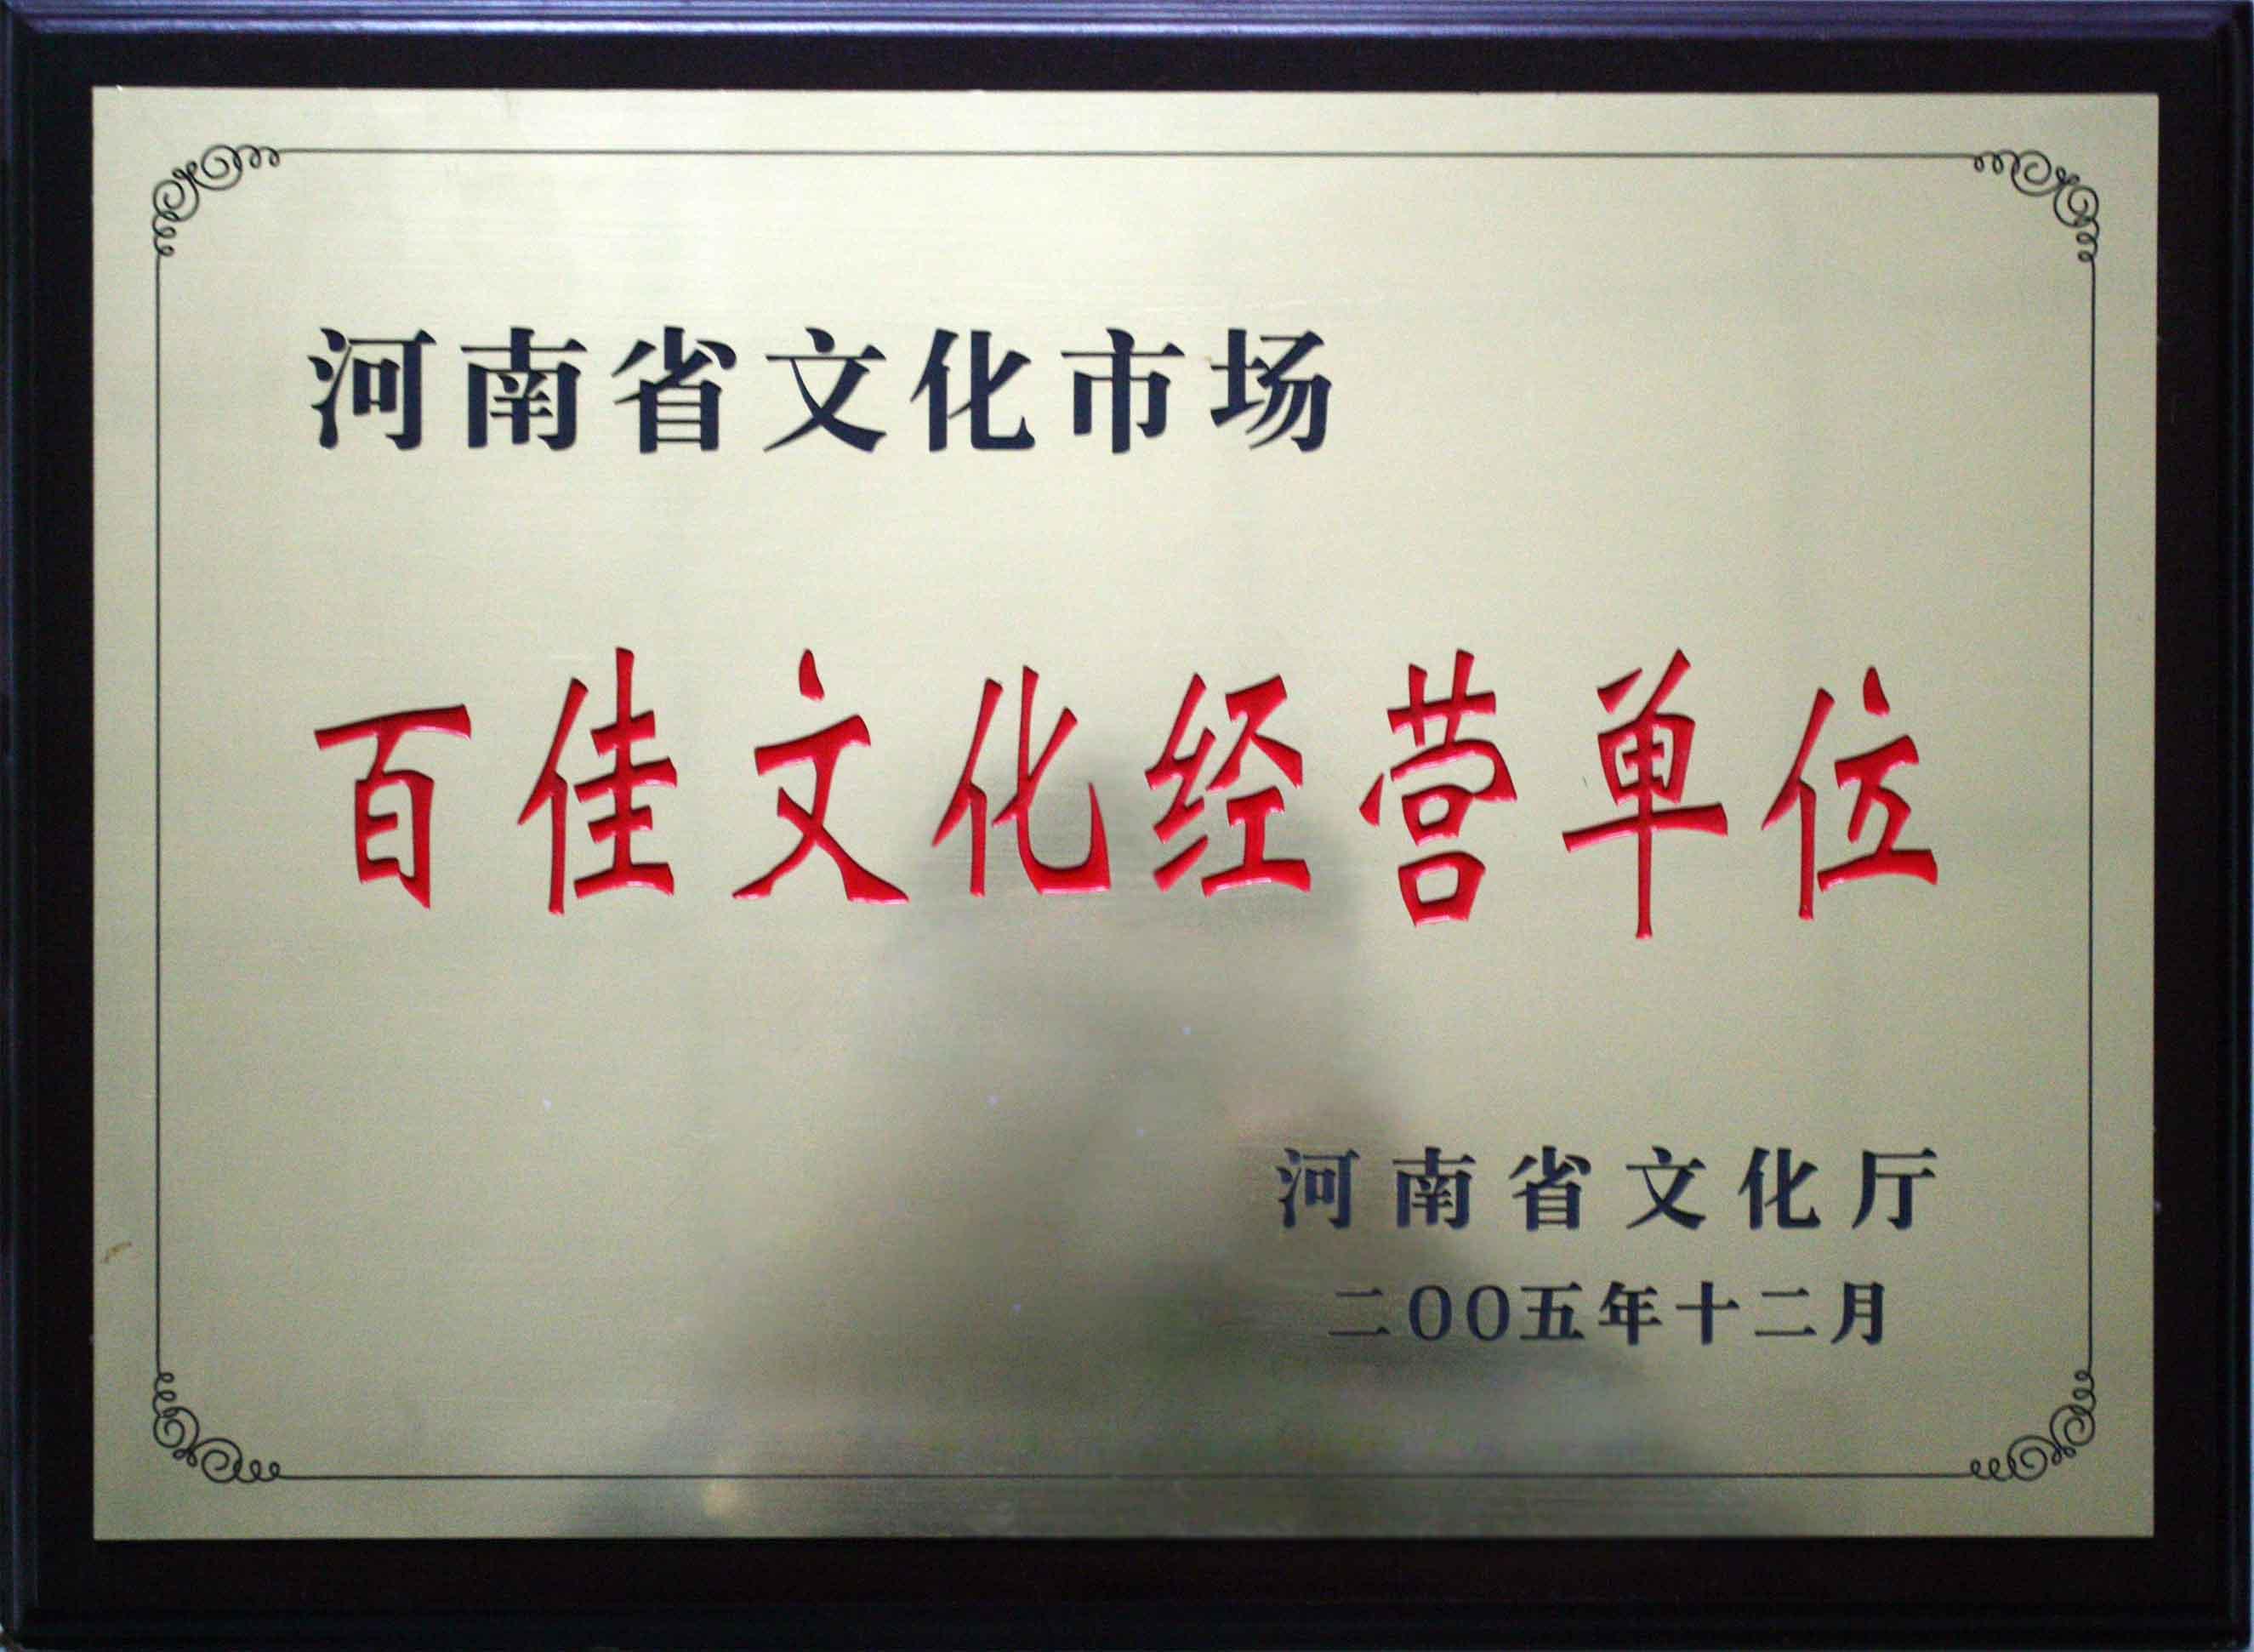 河南省文化市场百佳文化经营单位